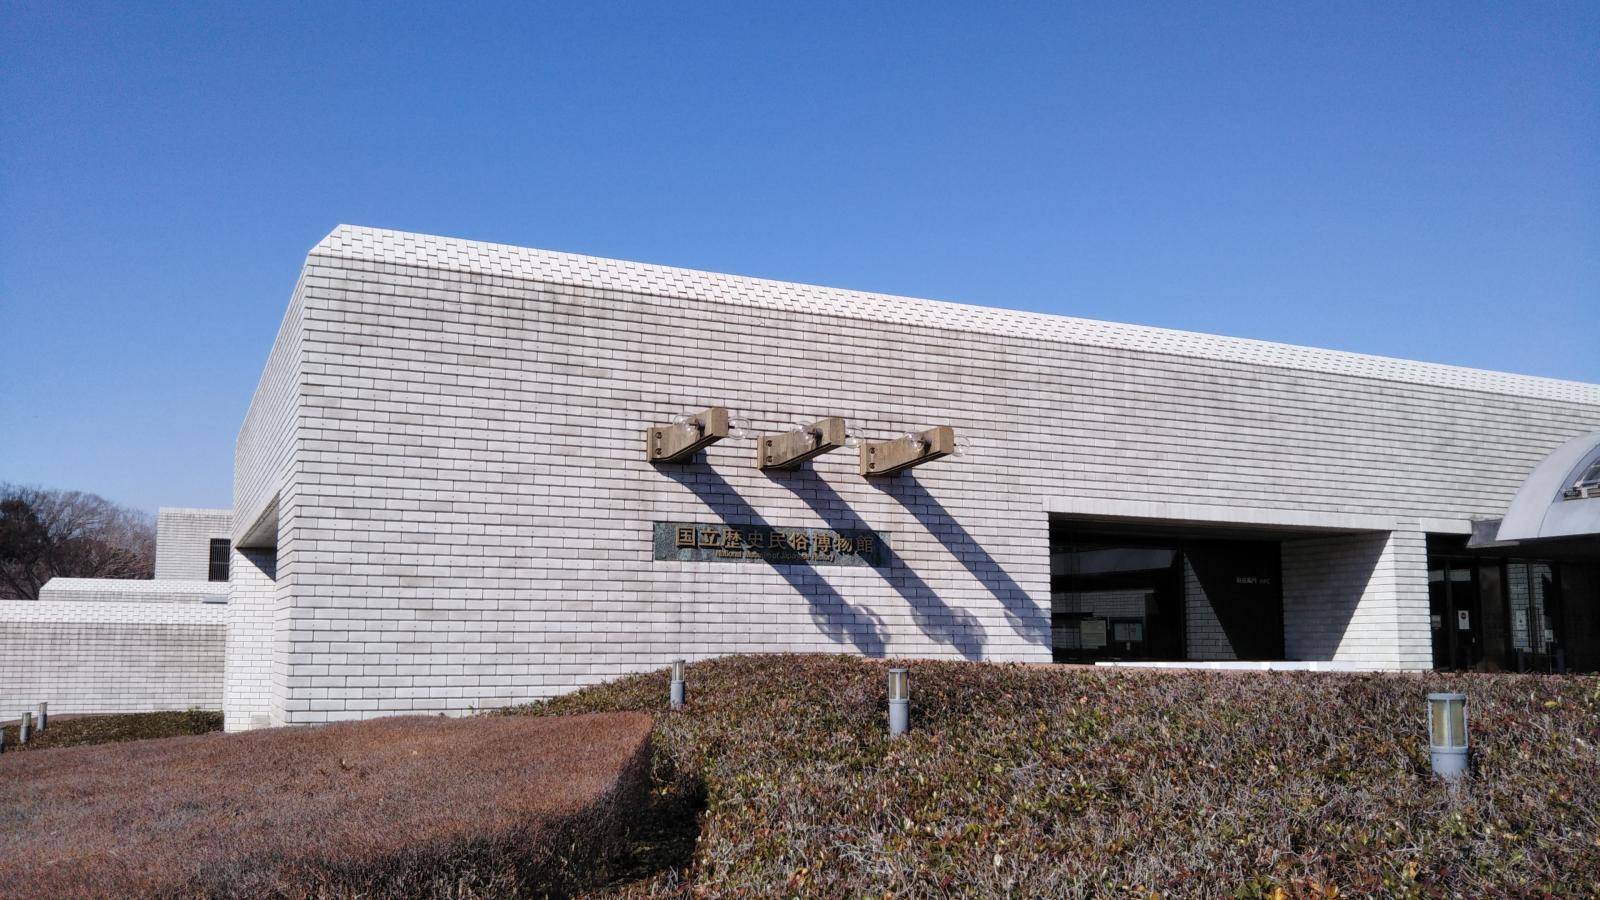 佐倉城跡公園の博物館の外観